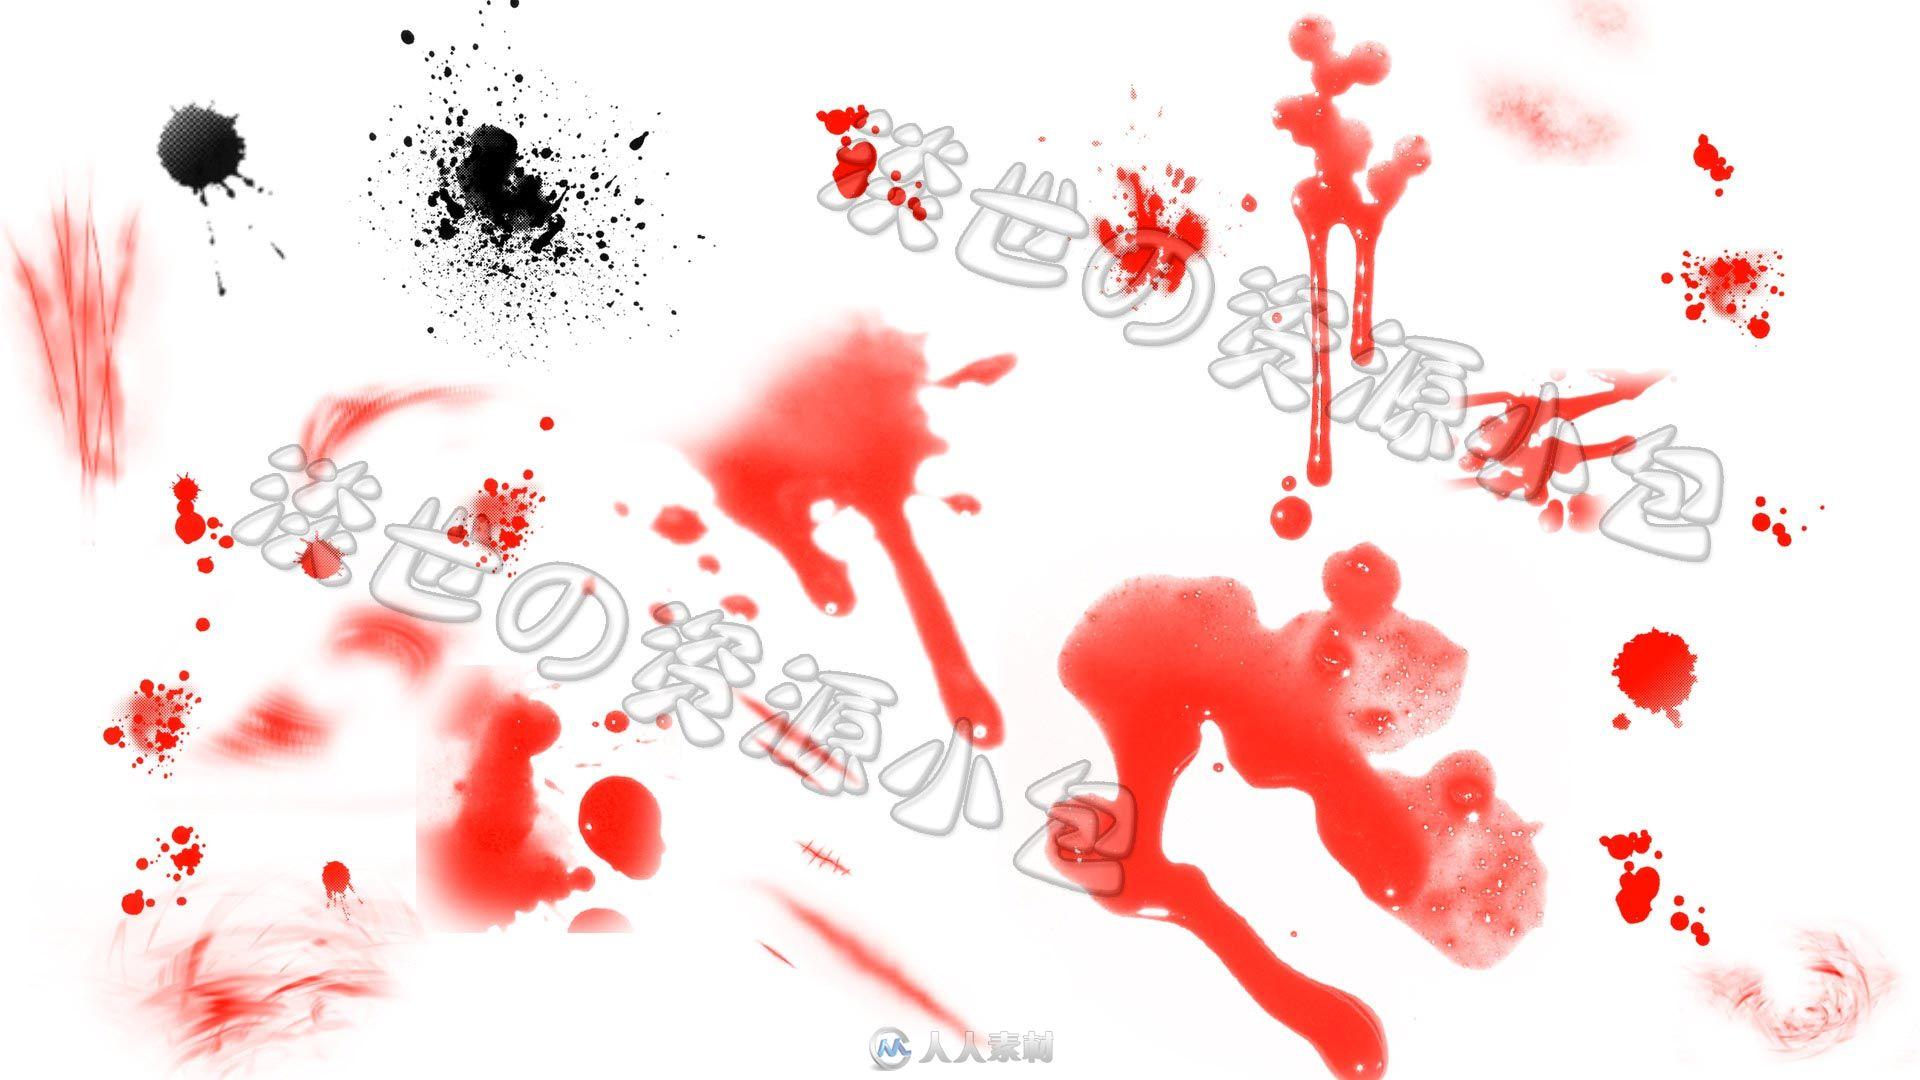 一百多个血迹与伤痕ps笔刷合辑